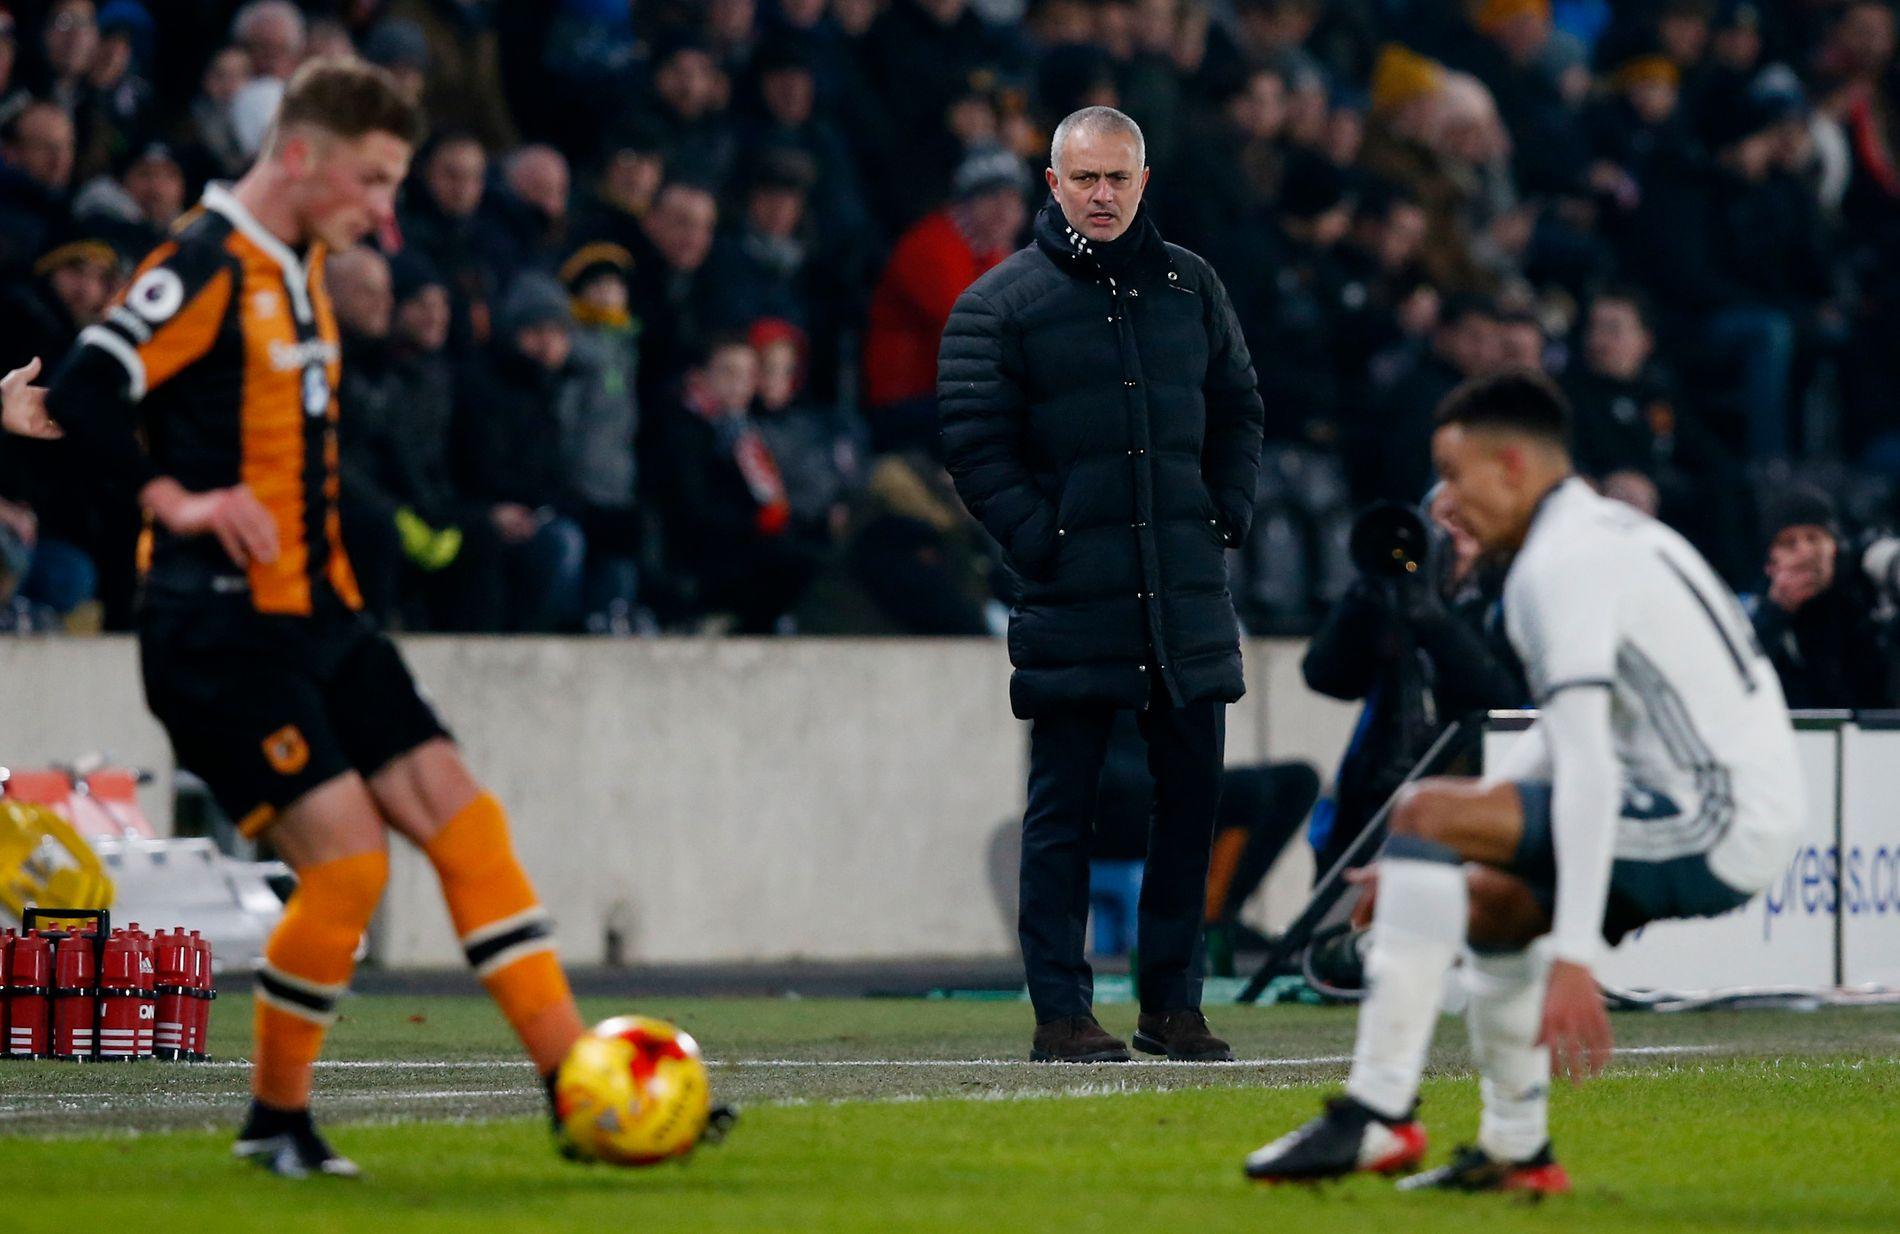 HULL I REKKEN: José Mourinho følger nøye med under torsdagens ligacupfinale mellom Manchester United og Hull.